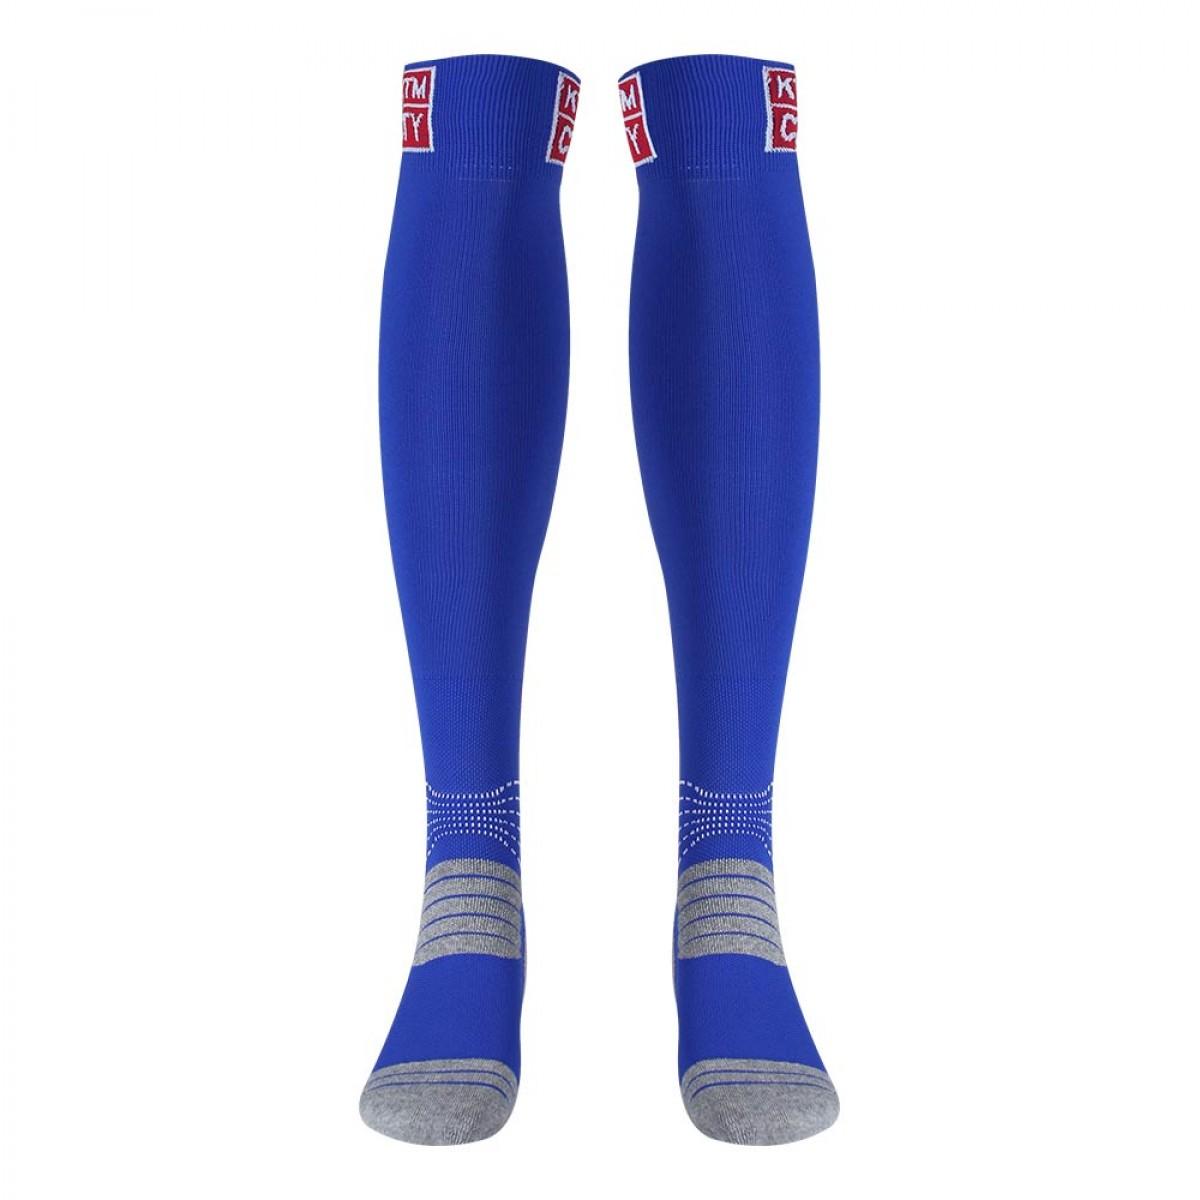 socks-s7-5a